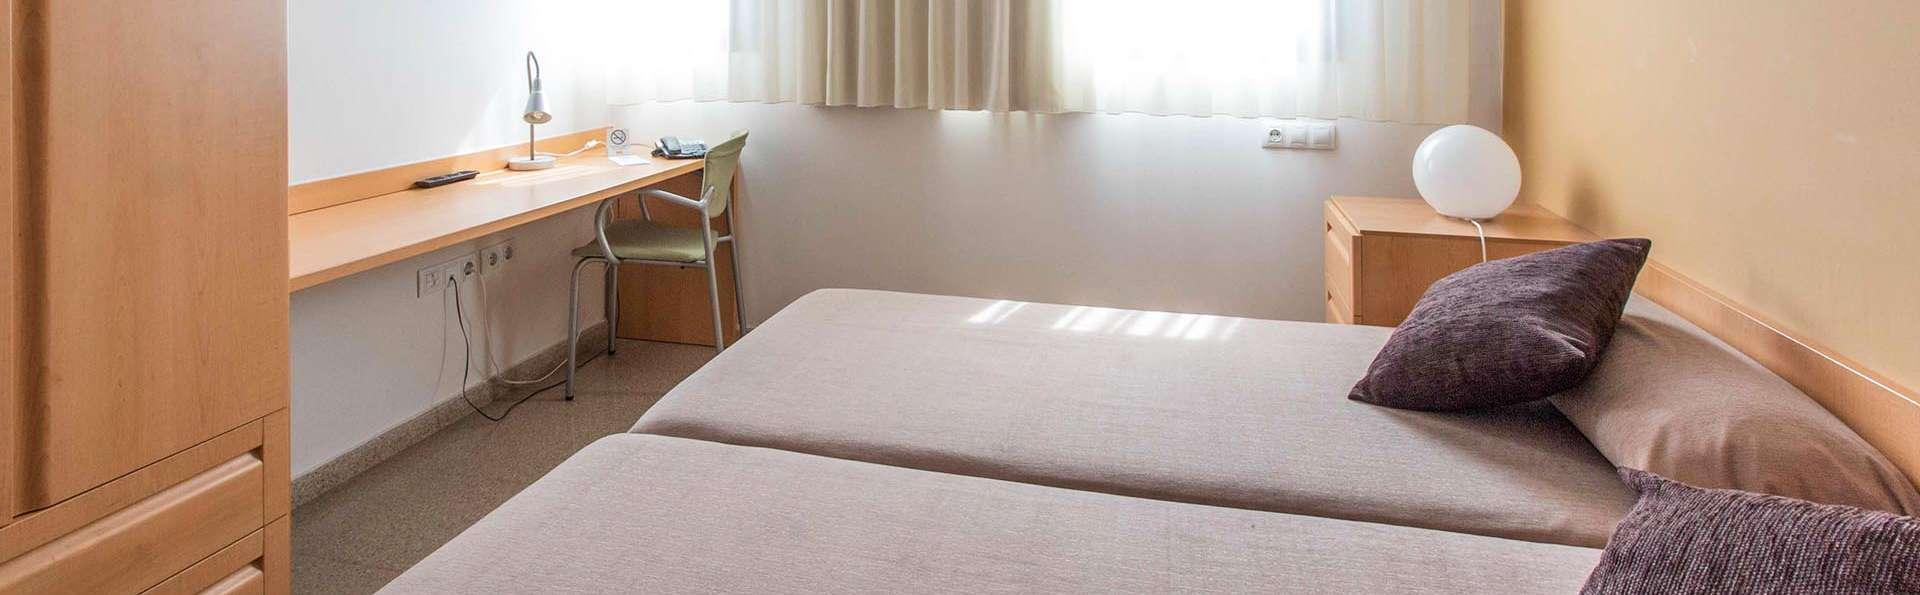 Échappez-vous pour profiter de mini-vacances dans un hôtel proche d'Alicante (à partir de 3nuits)